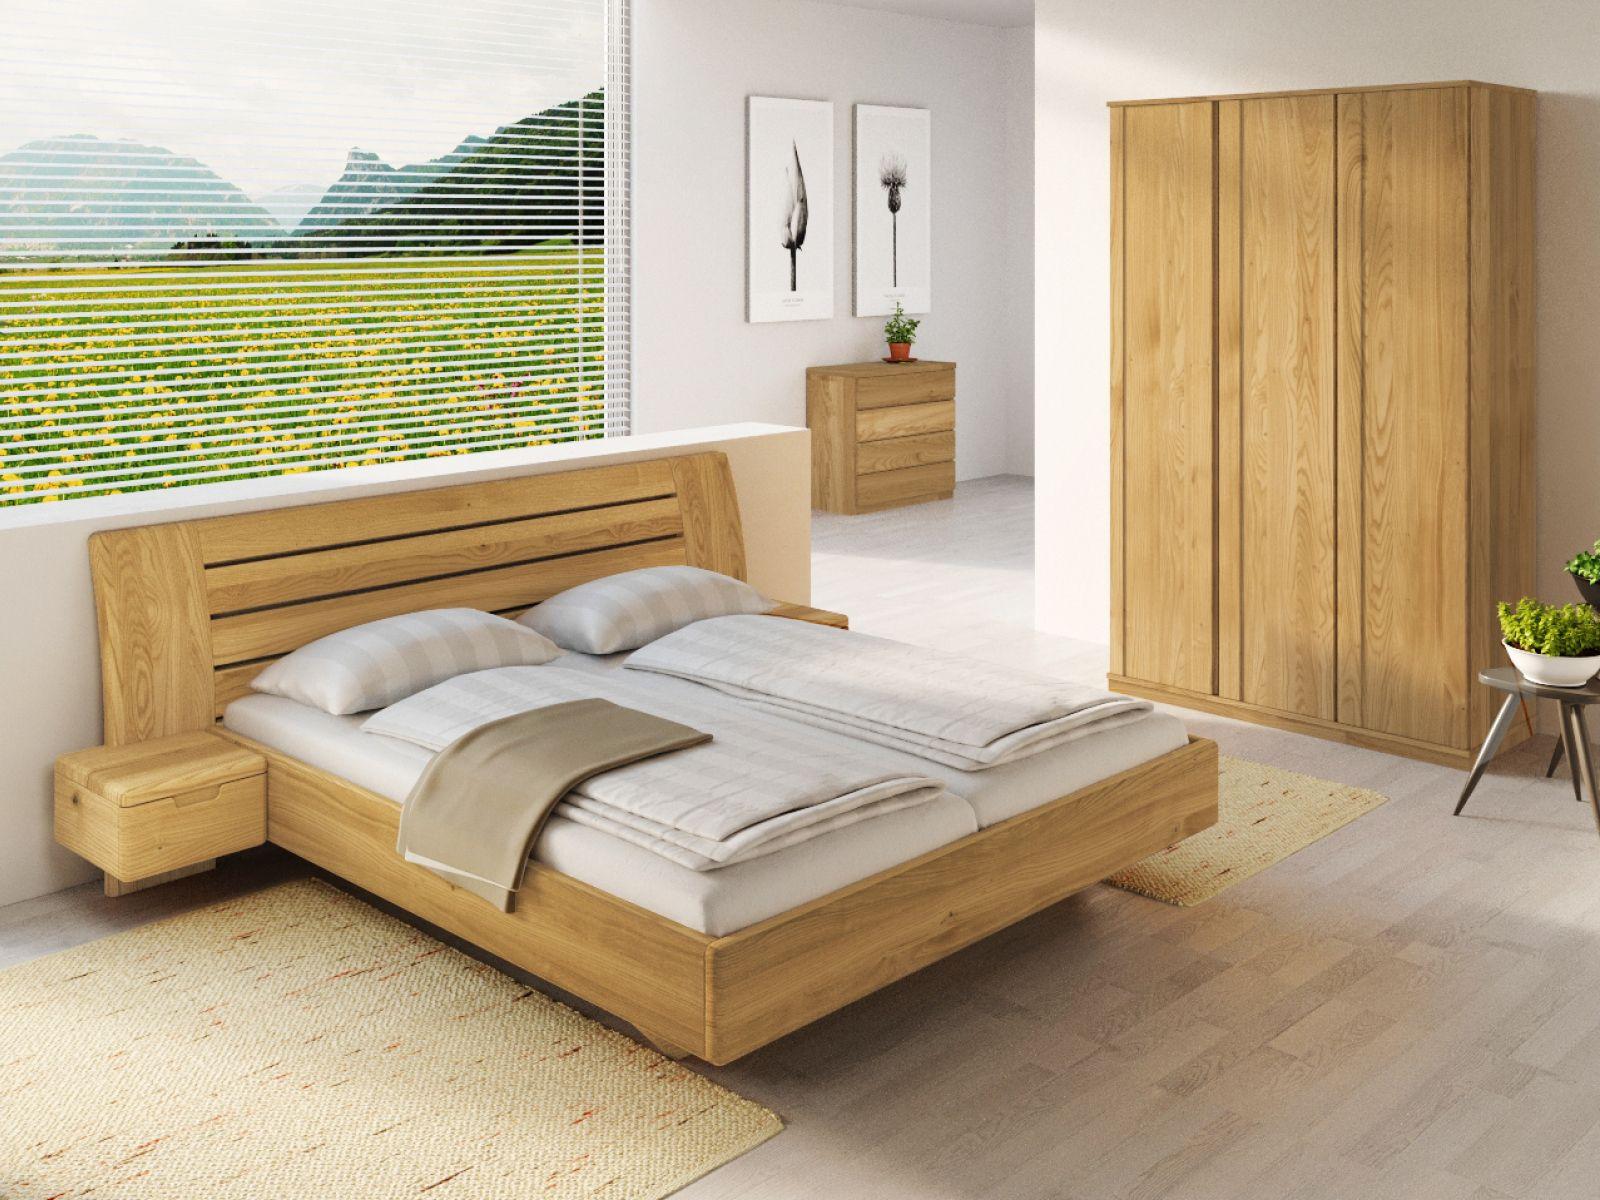 Full Size of Eichenbett Bettina Betten Günstig Kaufen 180x200 Bett Eiche Schlicht Nussbaum Mit Bettkasten 140x200 Ausziehbares Einfaches Weiß 160x200 Tempur Konfigurieren Bett Bett 220 X 200